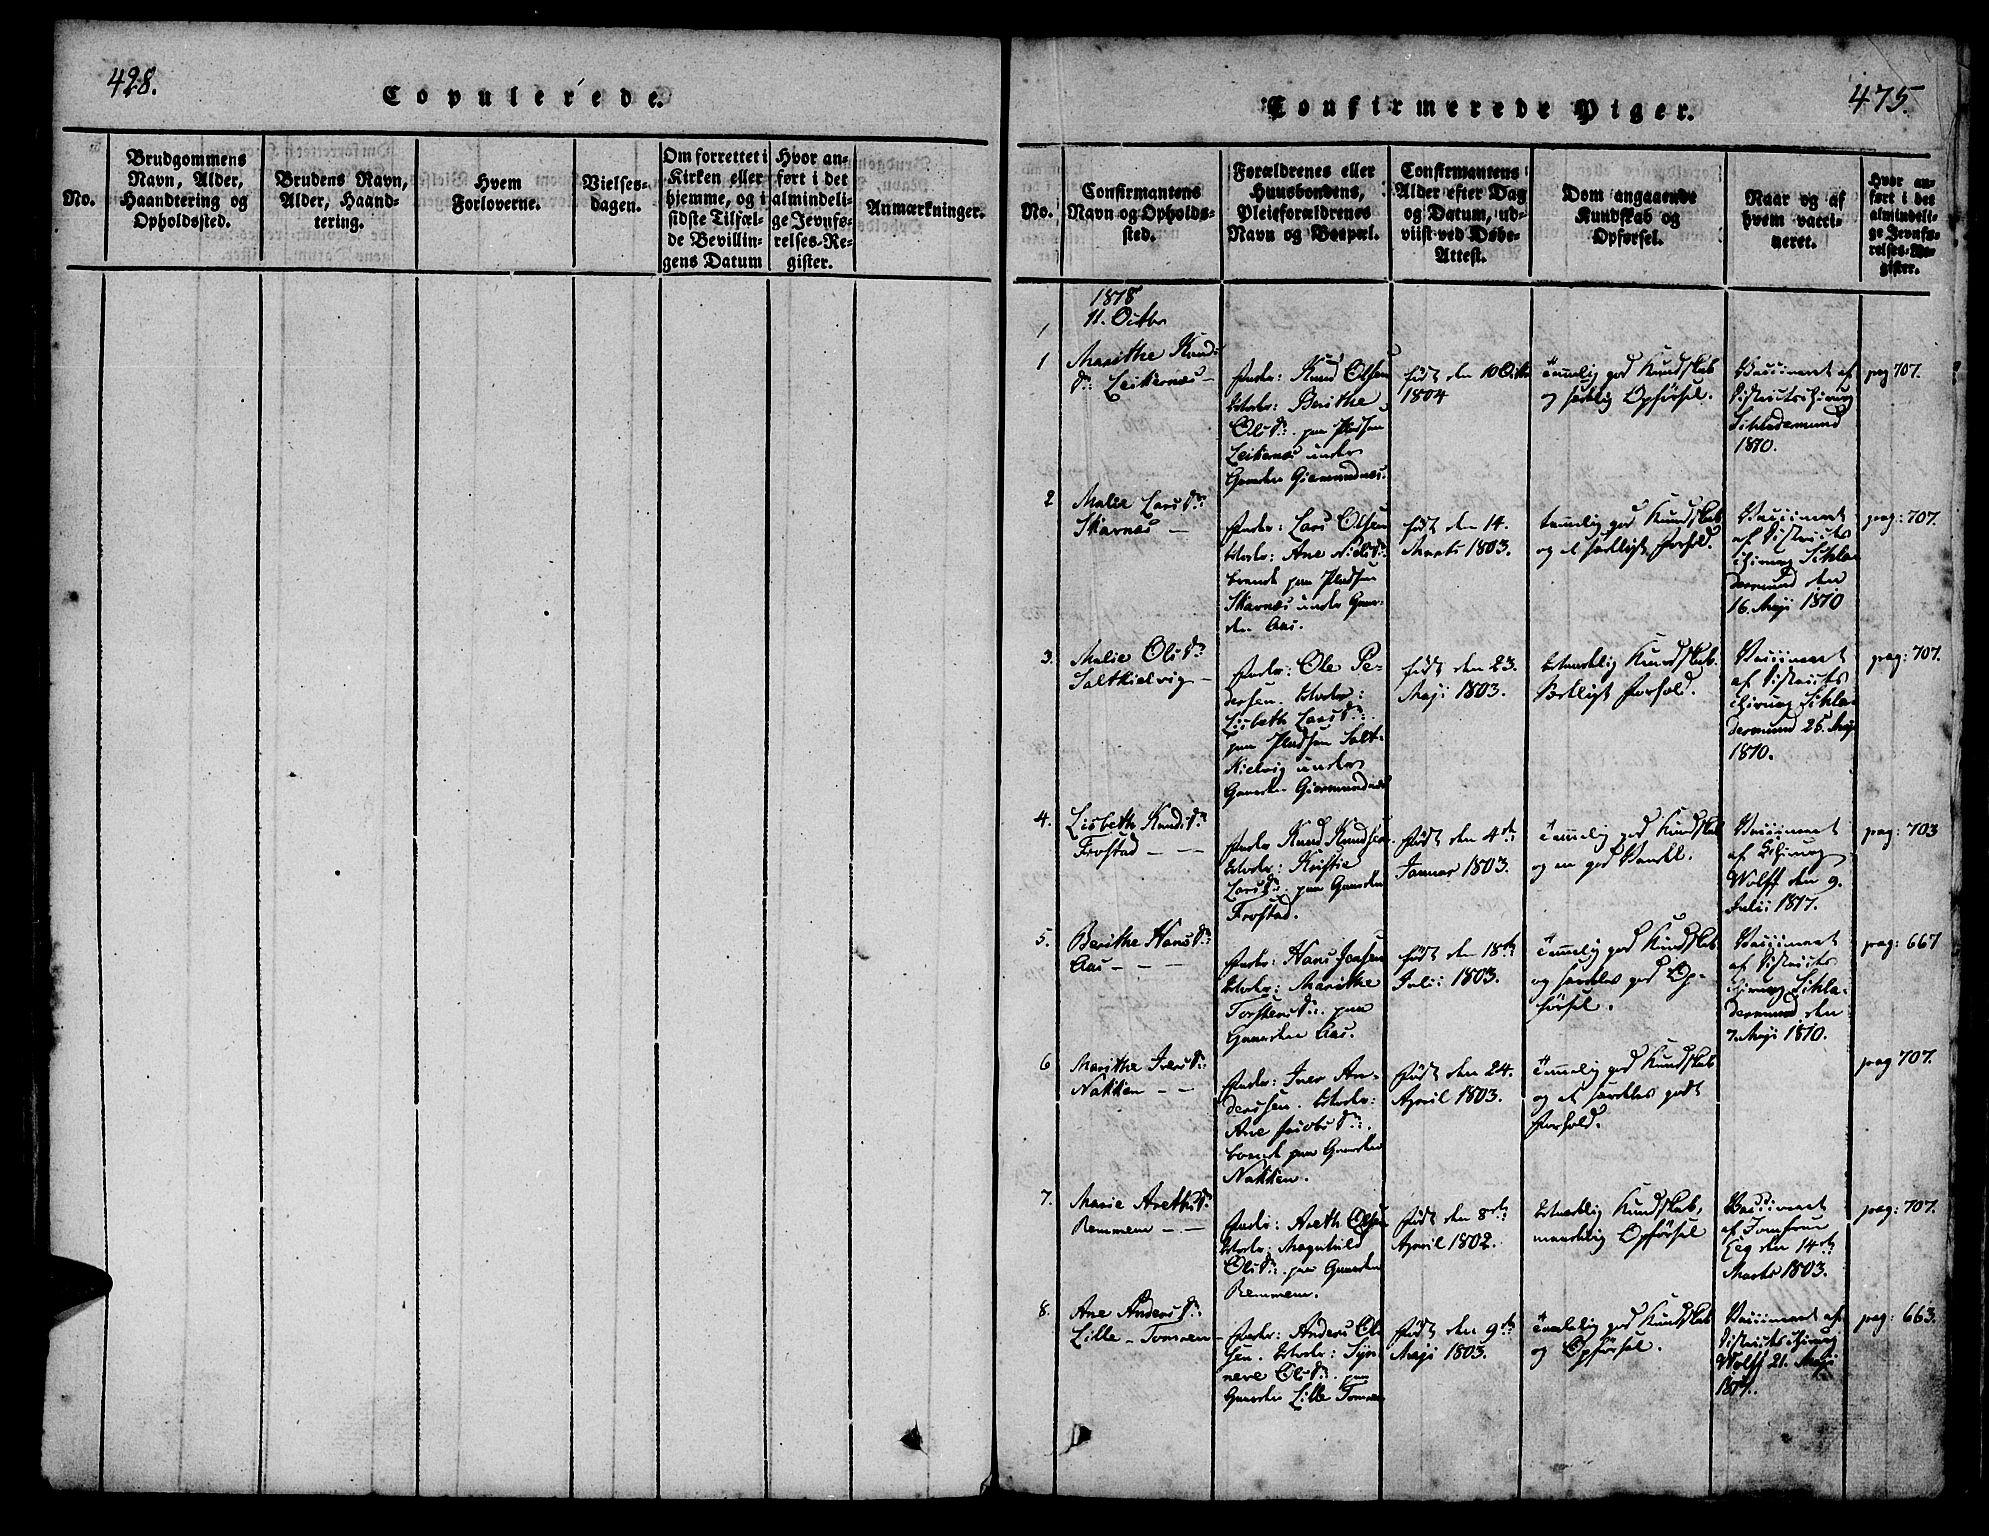 SAT, Ministerialprotokoller, klokkerbøker og fødselsregistre - Møre og Romsdal, 539/L0528: Ministerialbok nr. 539A01, 1818-1847, s. 428